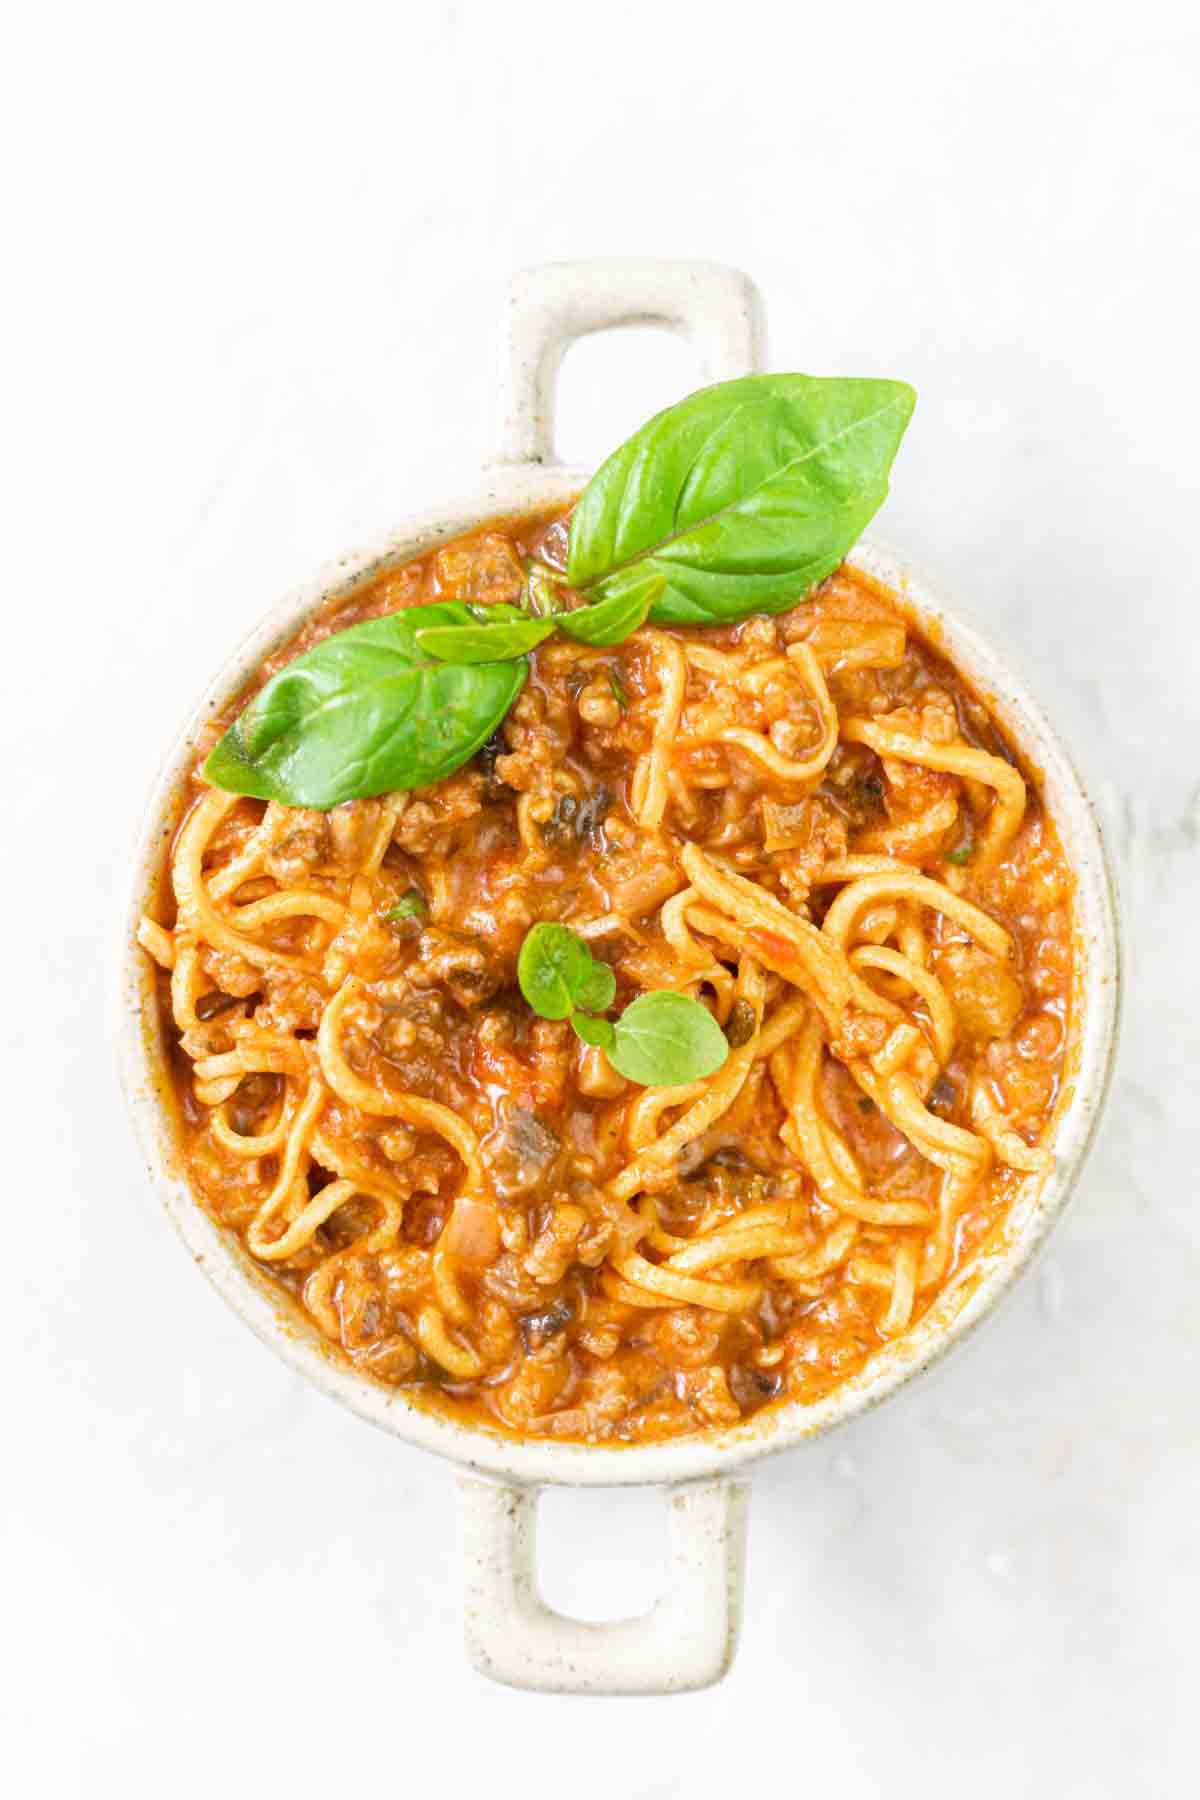 Keto Spaghetti Sauce in a bowl